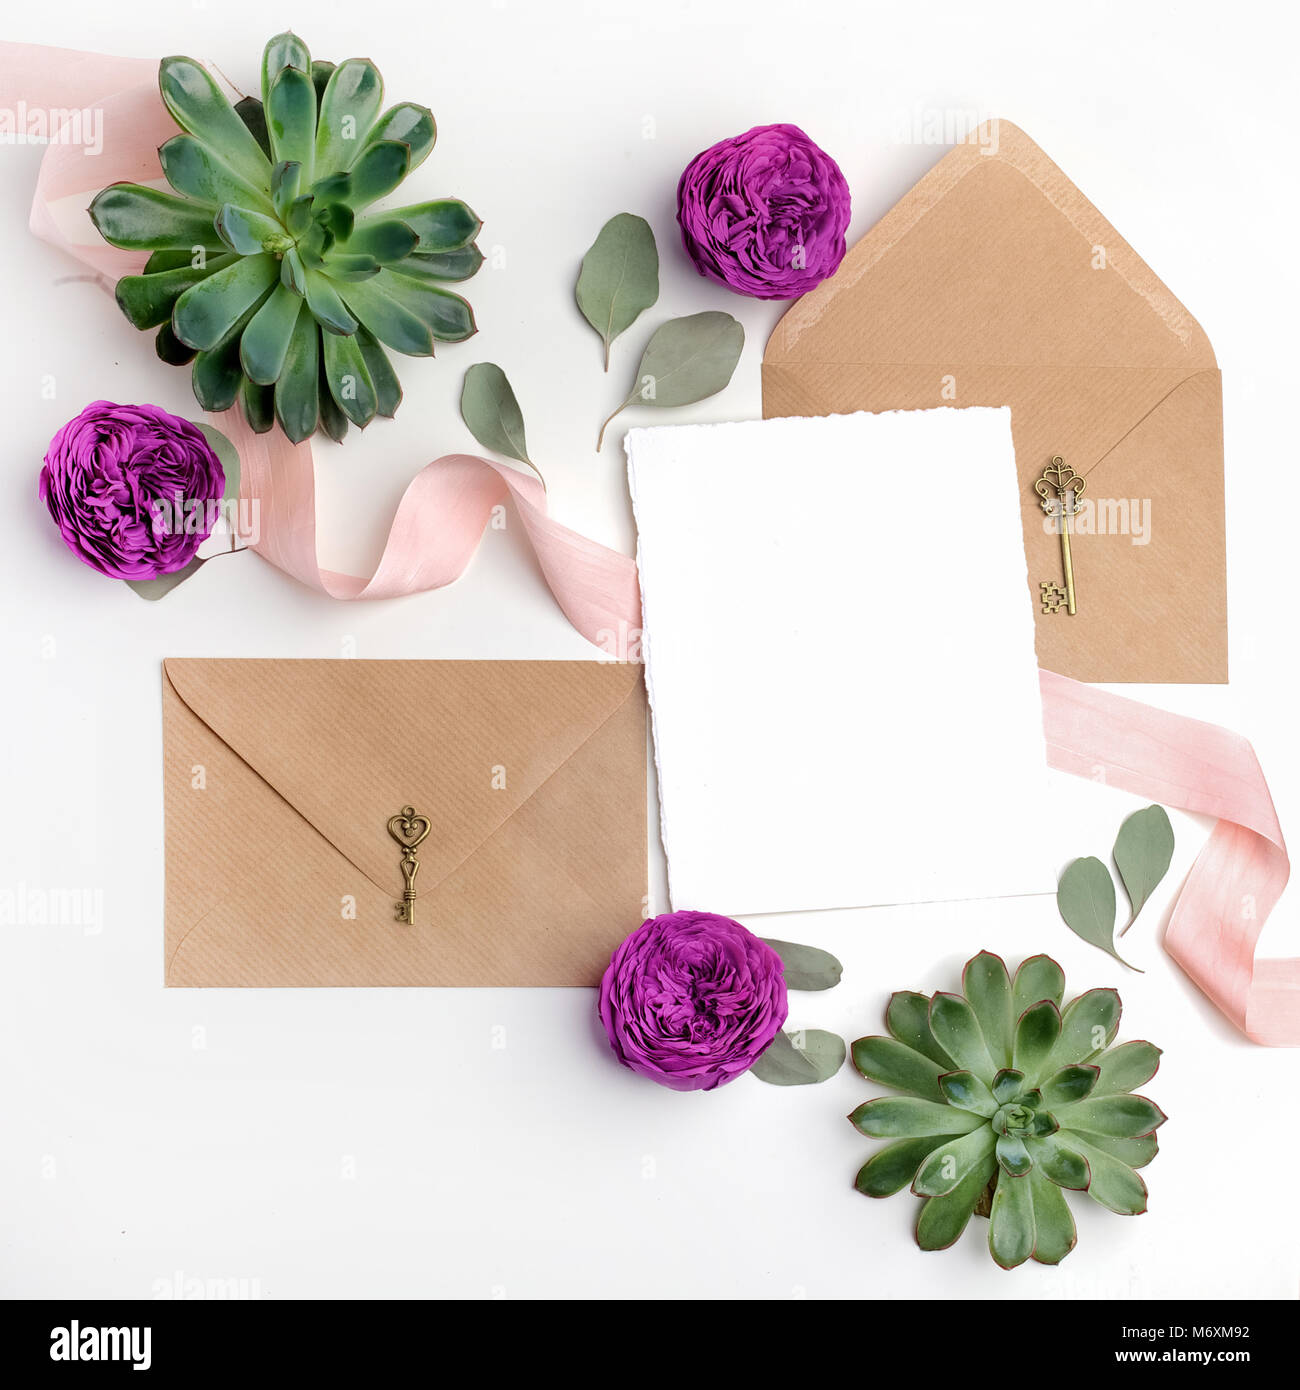 Flach Schuss Von Brief Und Eco Umschlag Auf Weissem Hintergrund